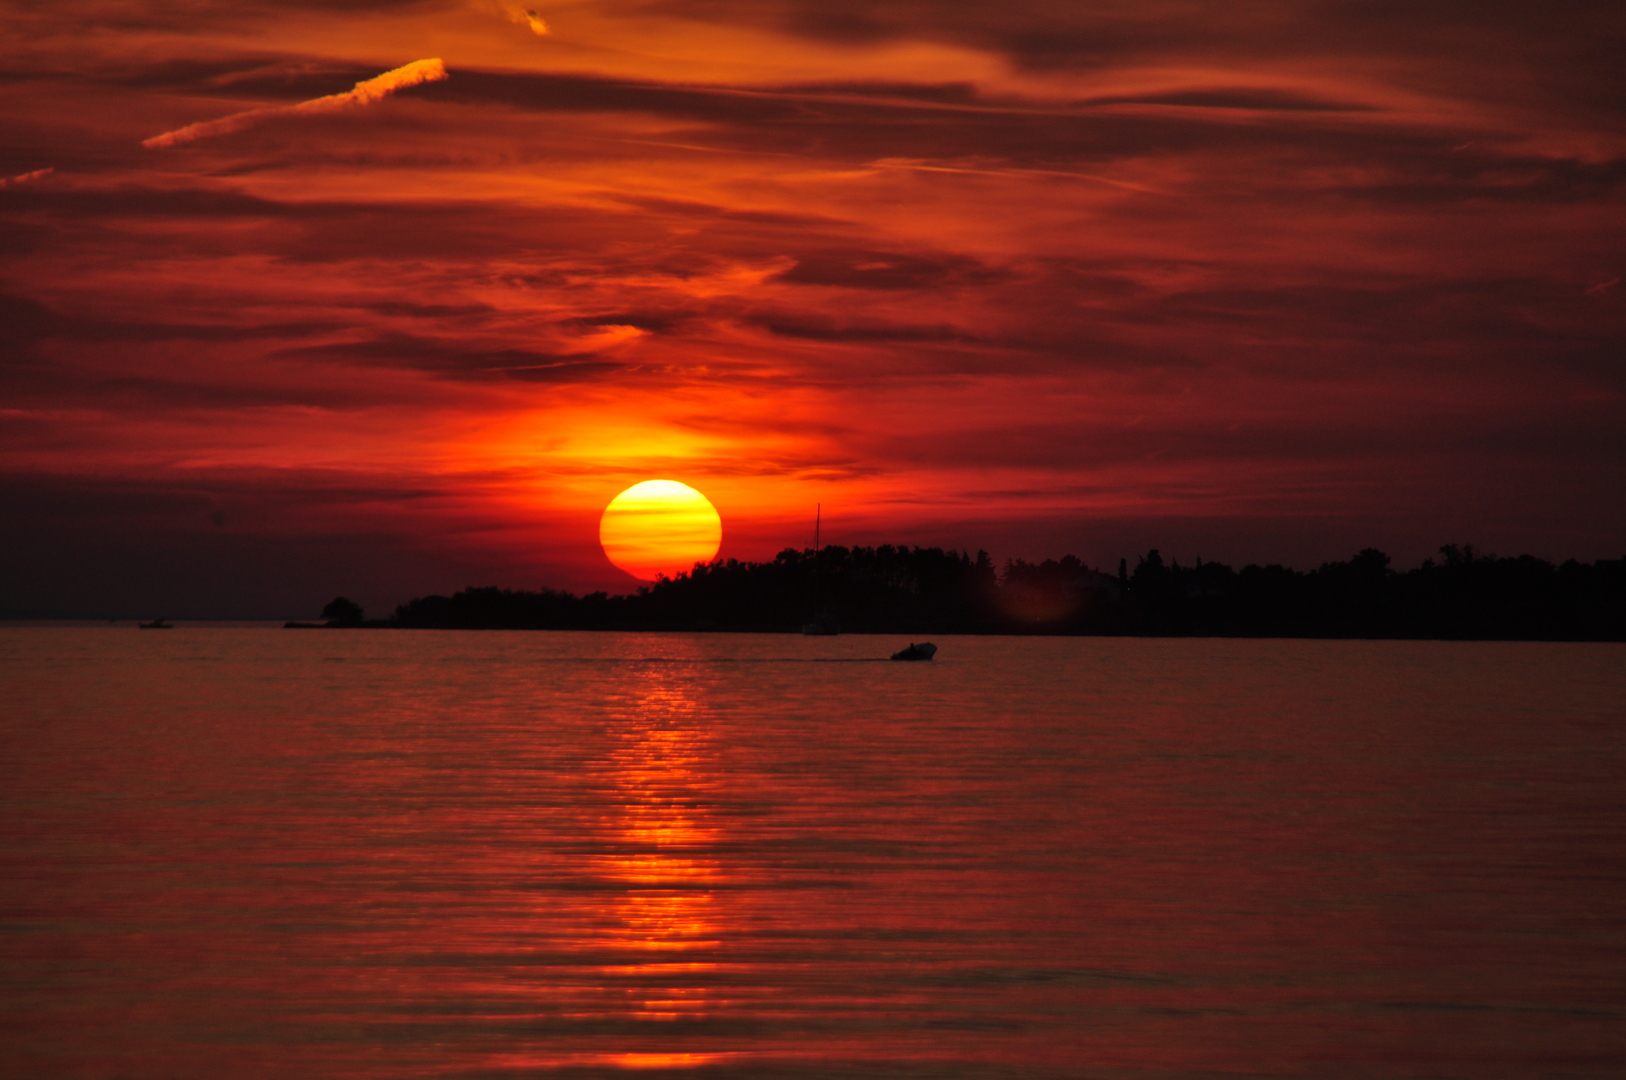 صوره جمال غروب الشمس , من اجمل المناظر الطبيعية